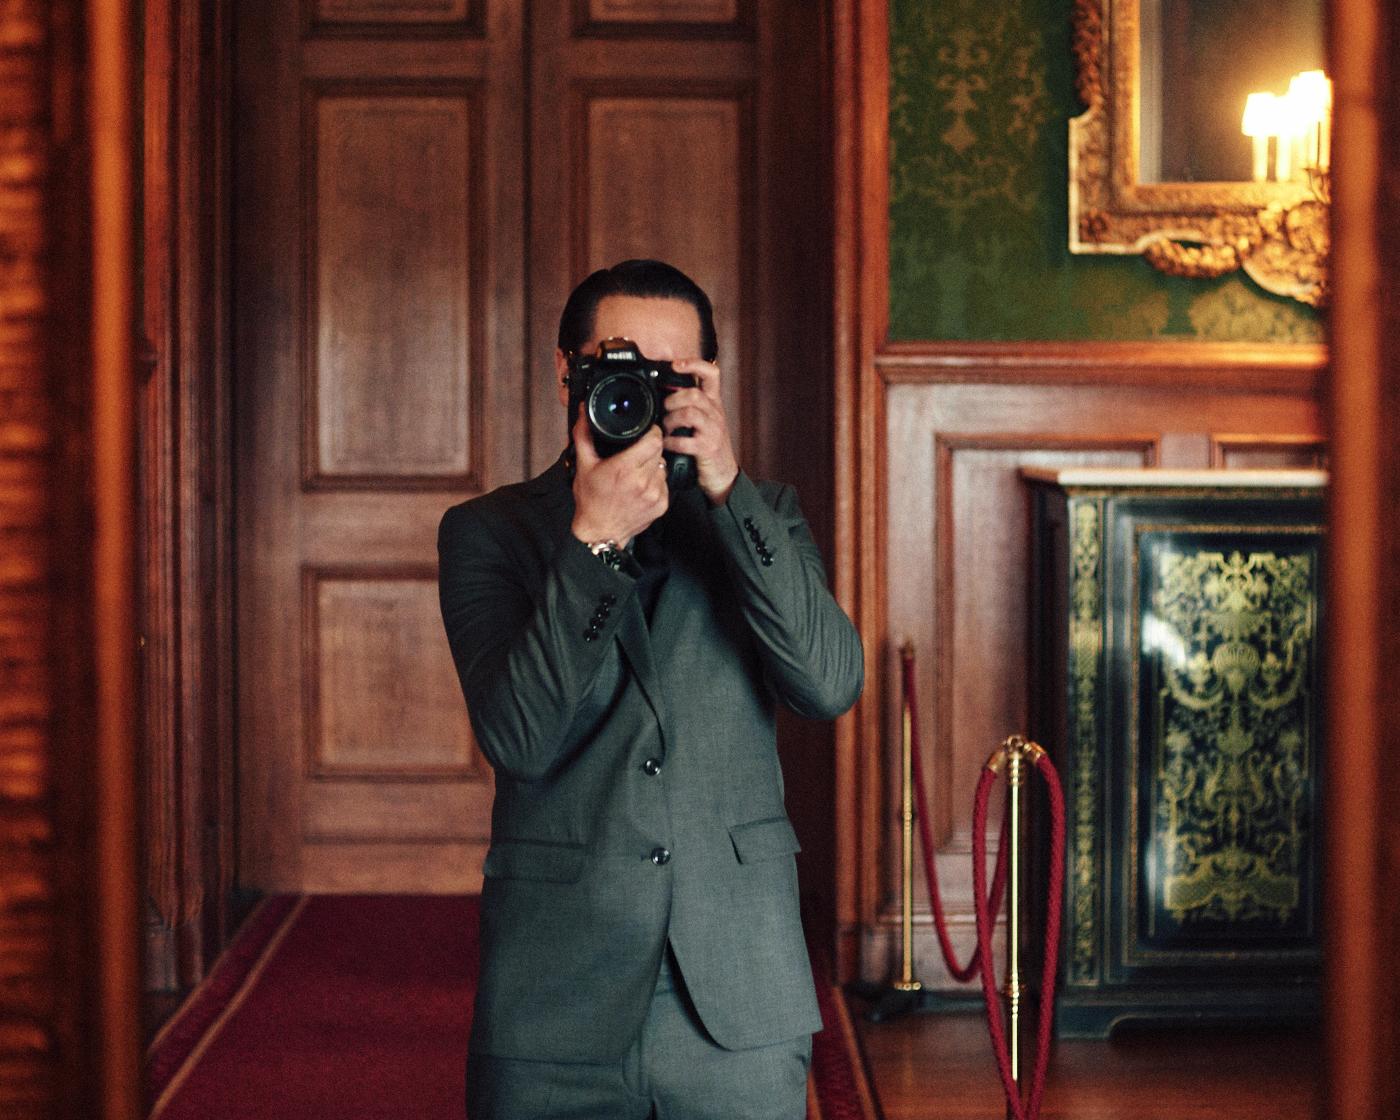 portrait photographer Tim Cole shoots people at Windsor Castle